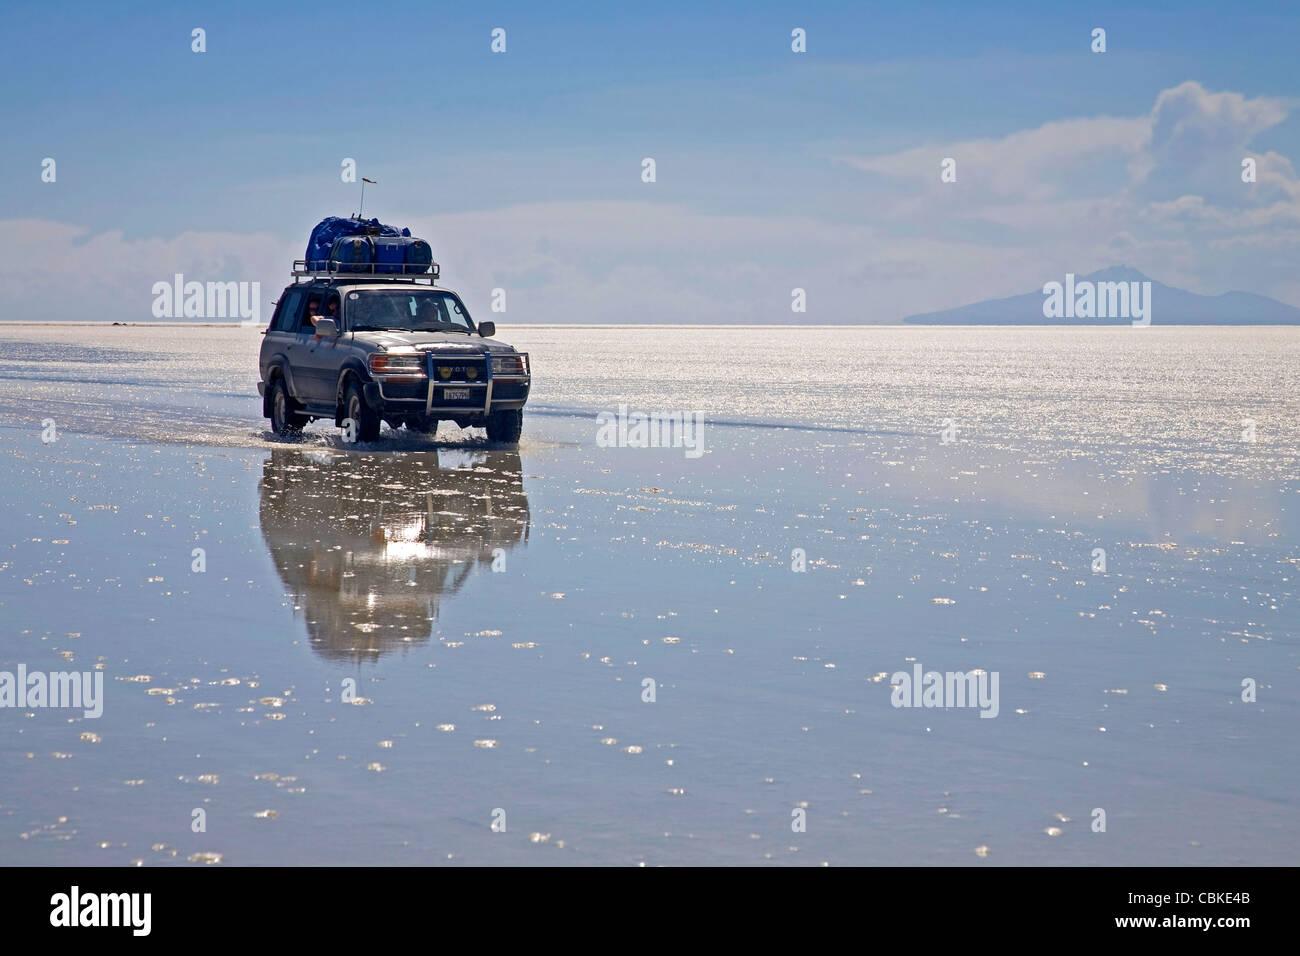 Los vehículos con tracción en las cuatro ruedas circulando en el salar el Salar de Uyuni, el Altiplano Imagen De Stock